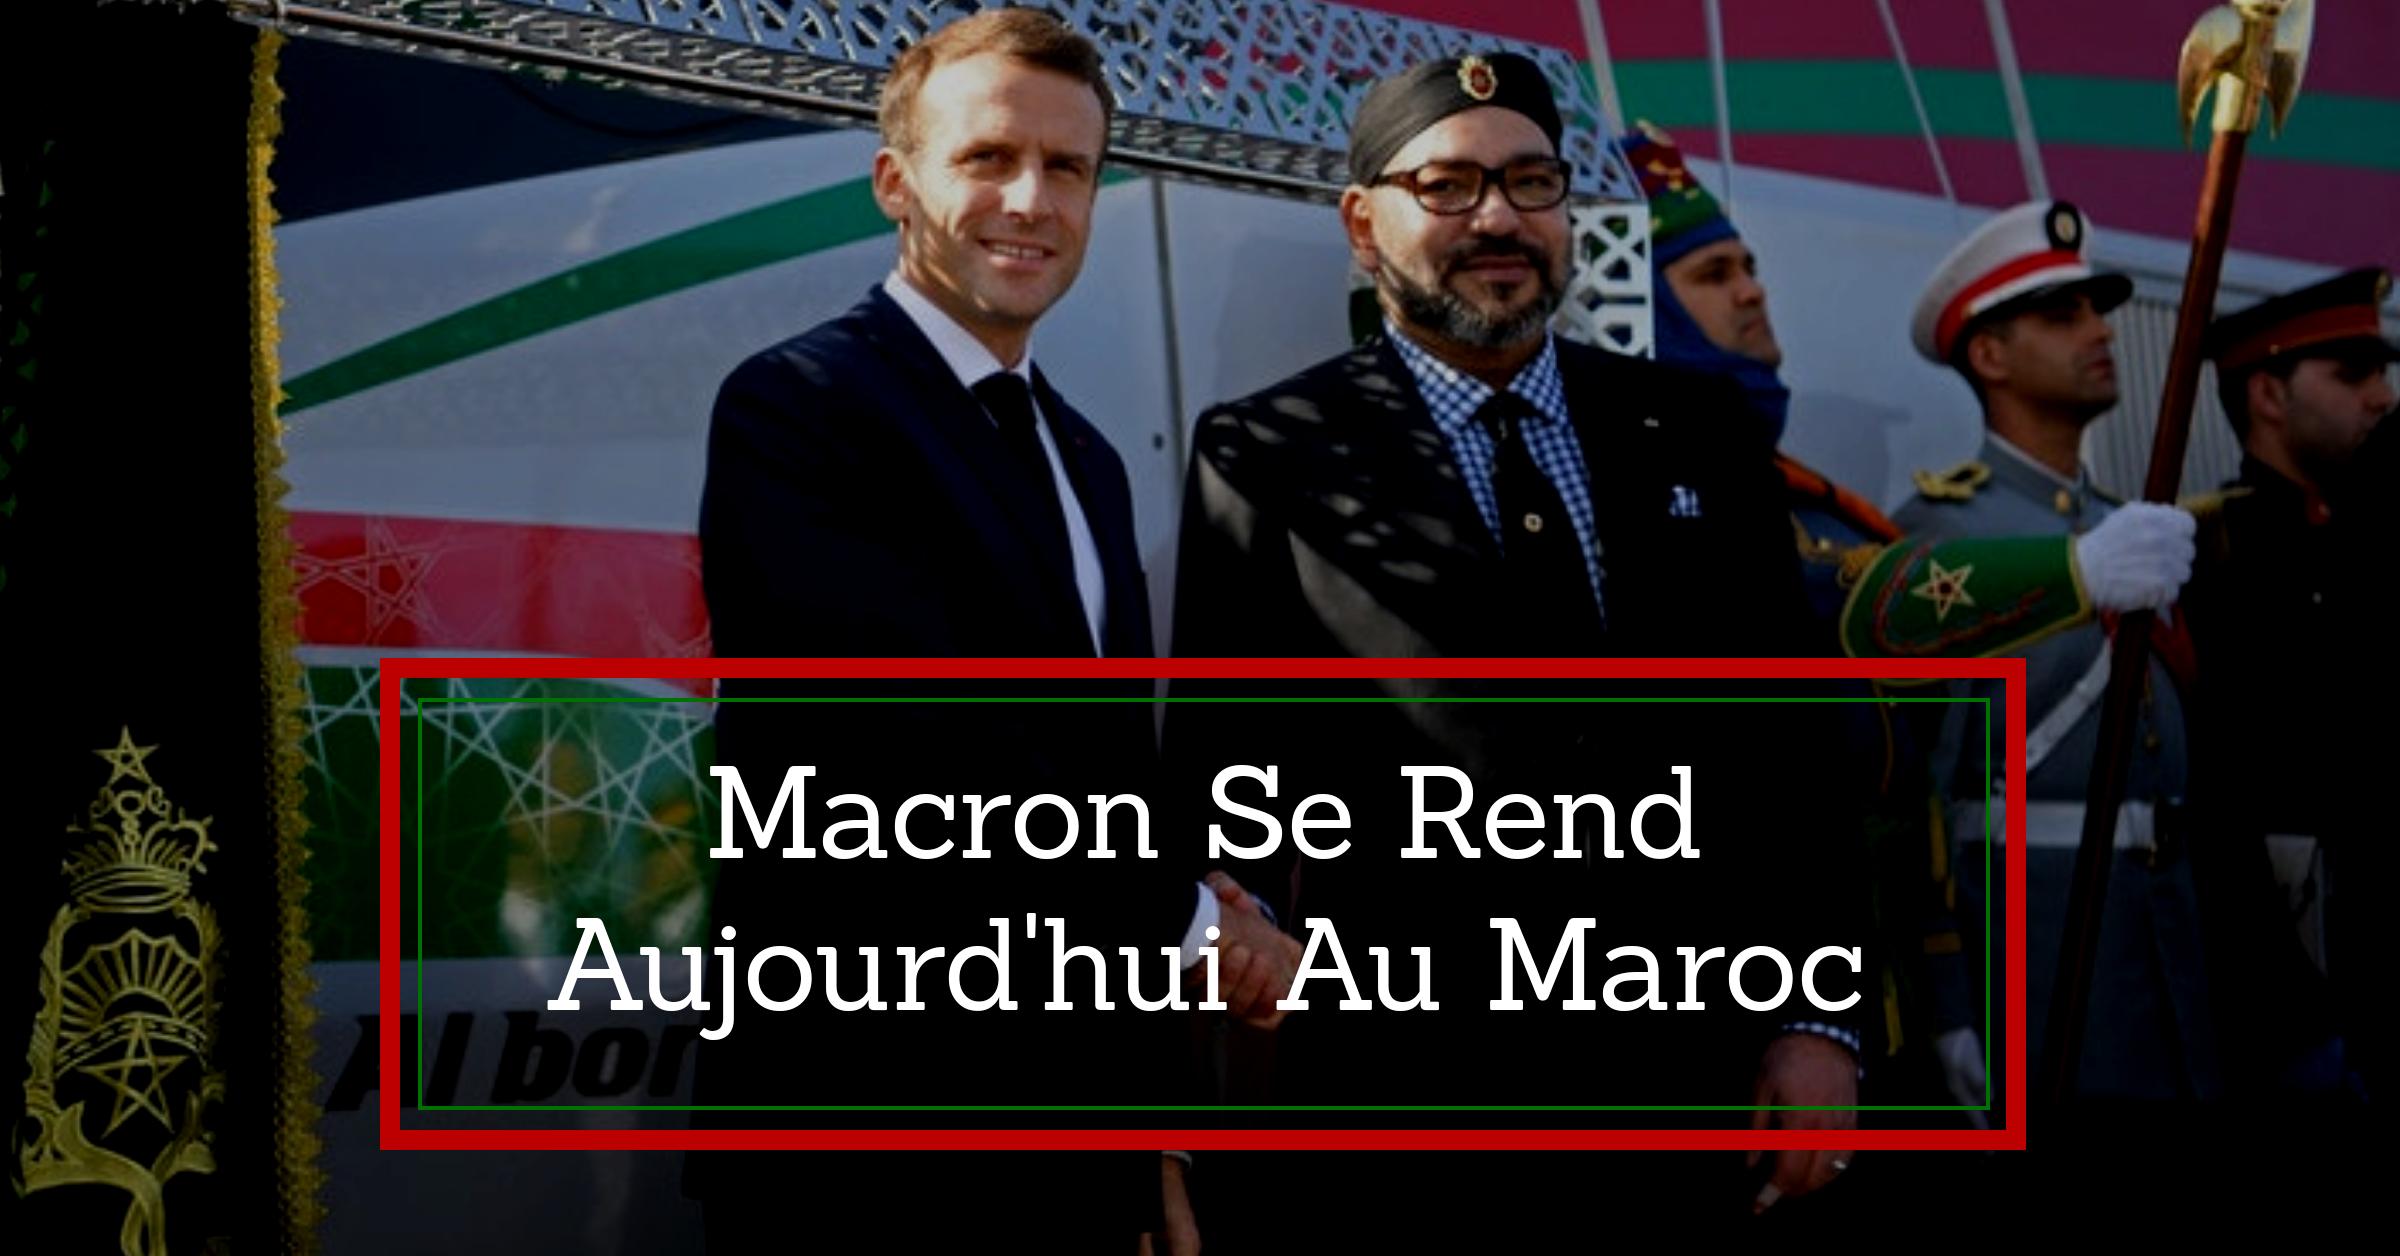 Macron se rend aujourd'hui au Maroc pour lancer la LGV avec le roi Mohammed VI